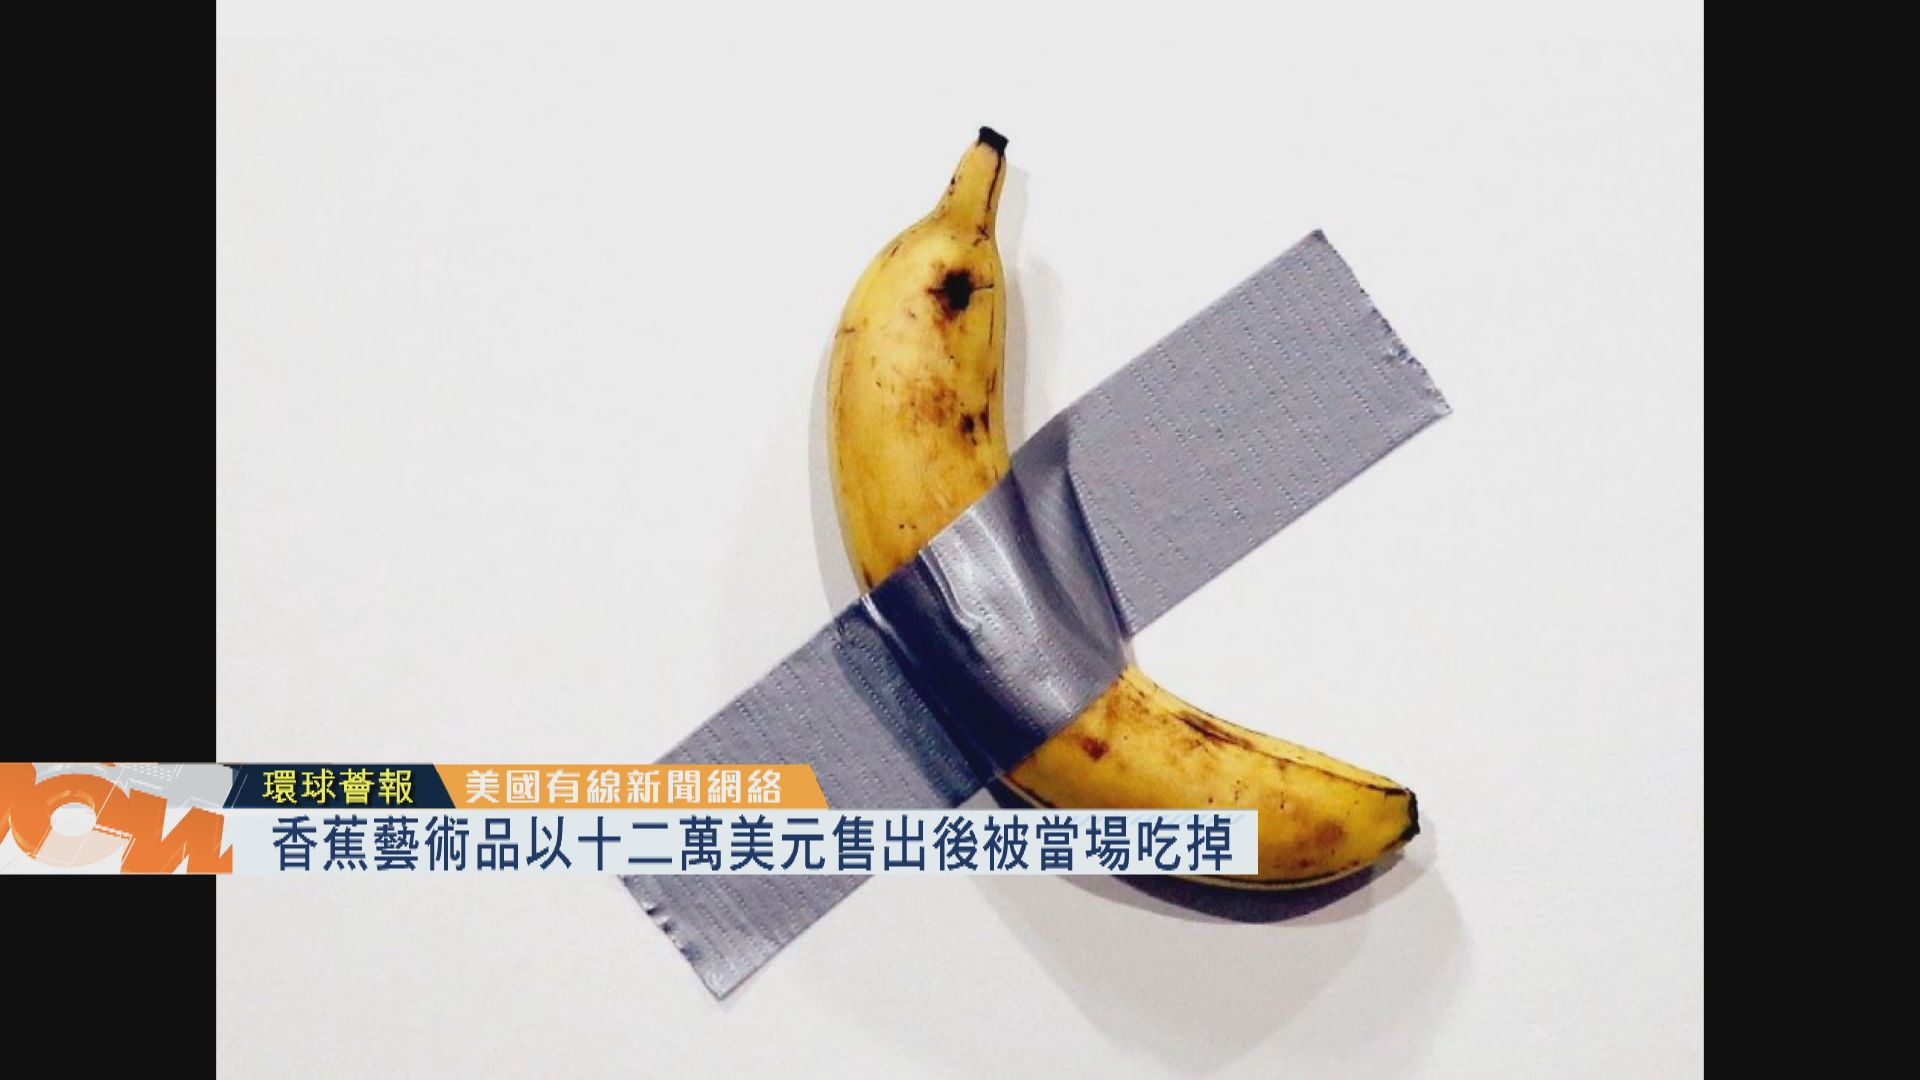 【環球薈報】香蕉藝術品以十二萬美元售出後被當場吃掉